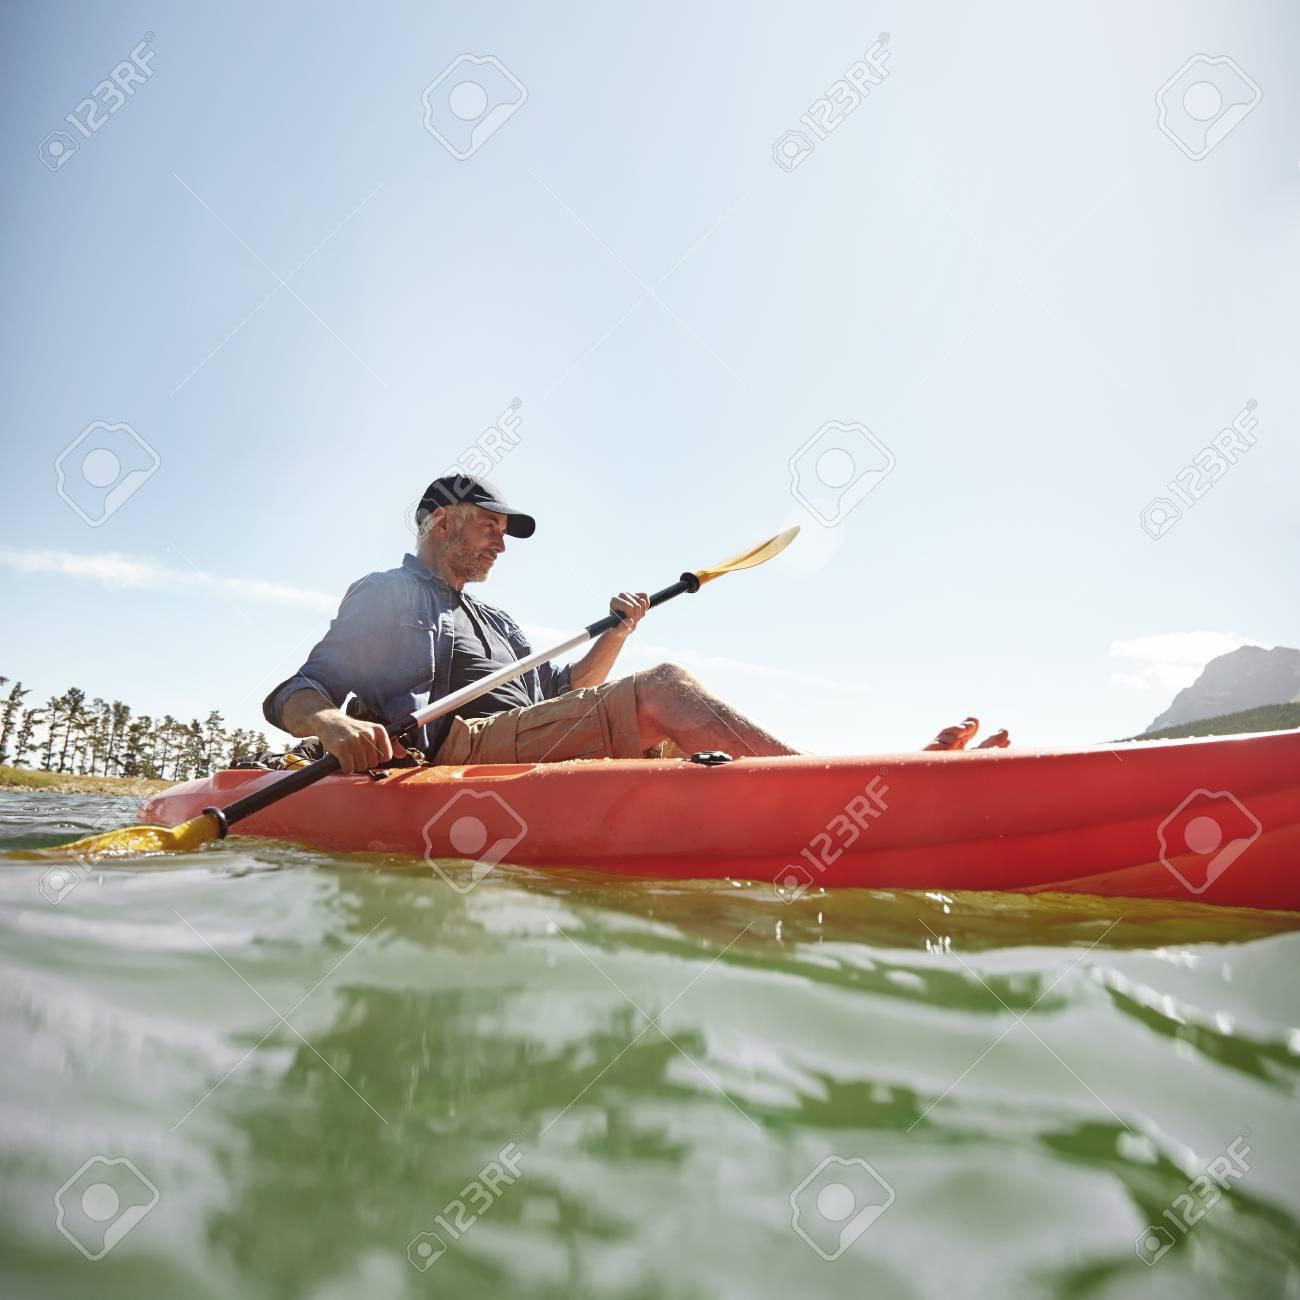 55357064-shot-of-senior-man-kayaking-on-lake-on-a-summer-day-mature-man-paddling-a-kayak-in-lake-.jpg